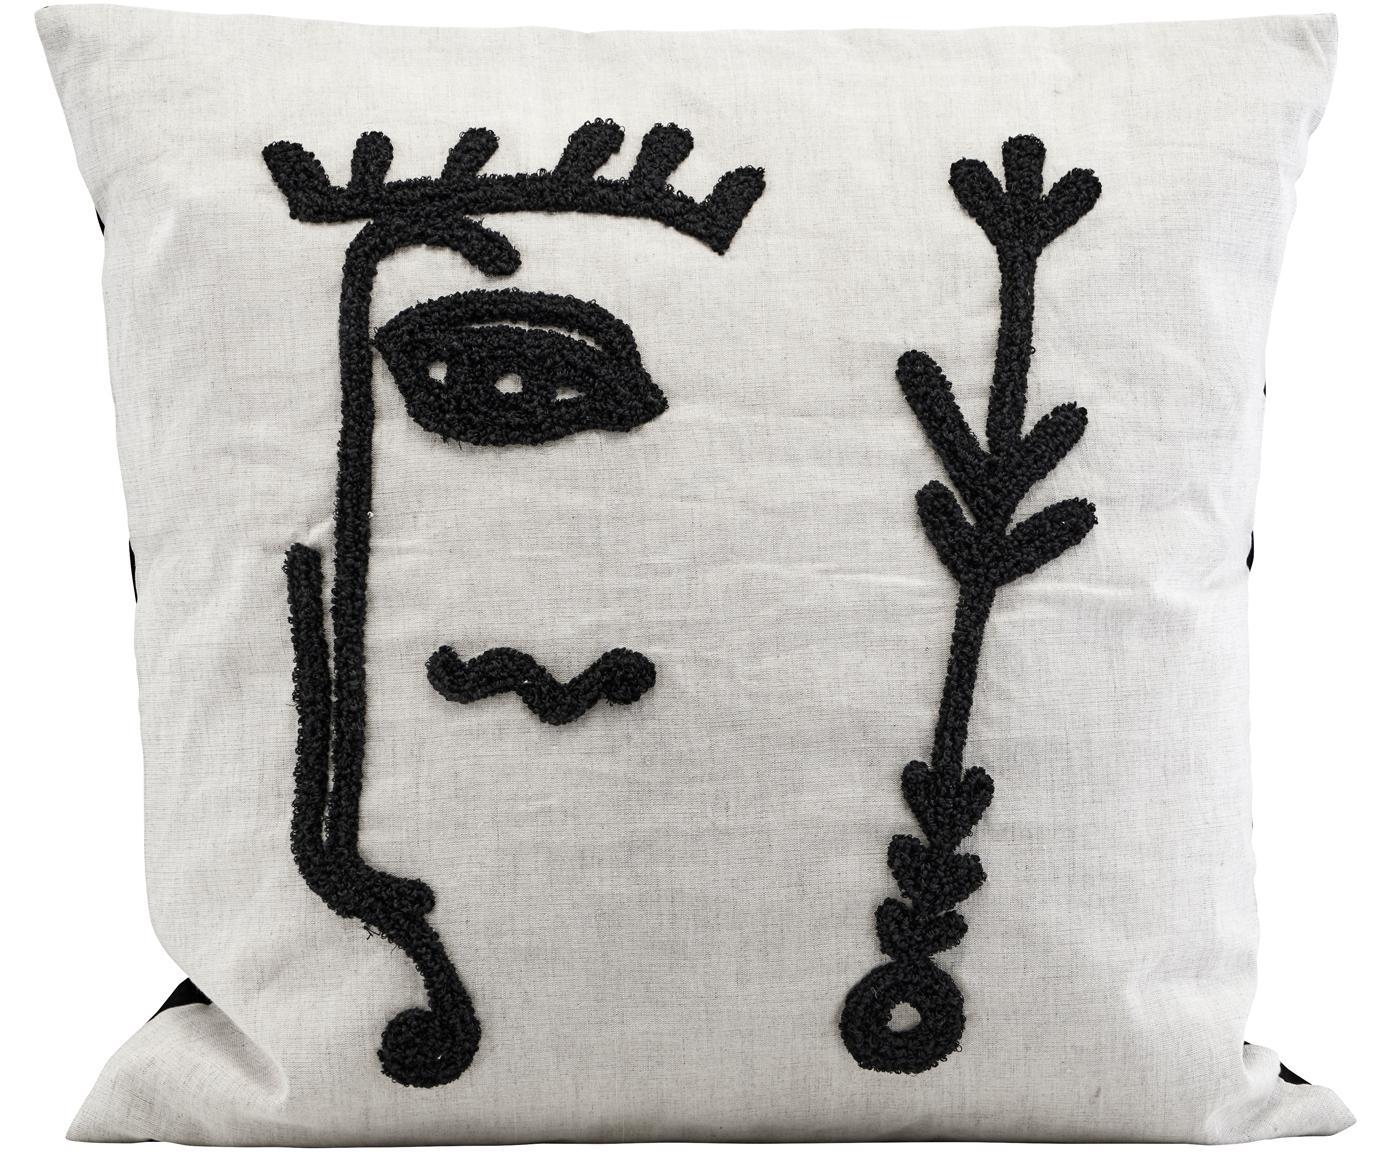 Poszewka na poduszkę z haftem Ingo, Biały, czarny, S 50 x D 50 cm